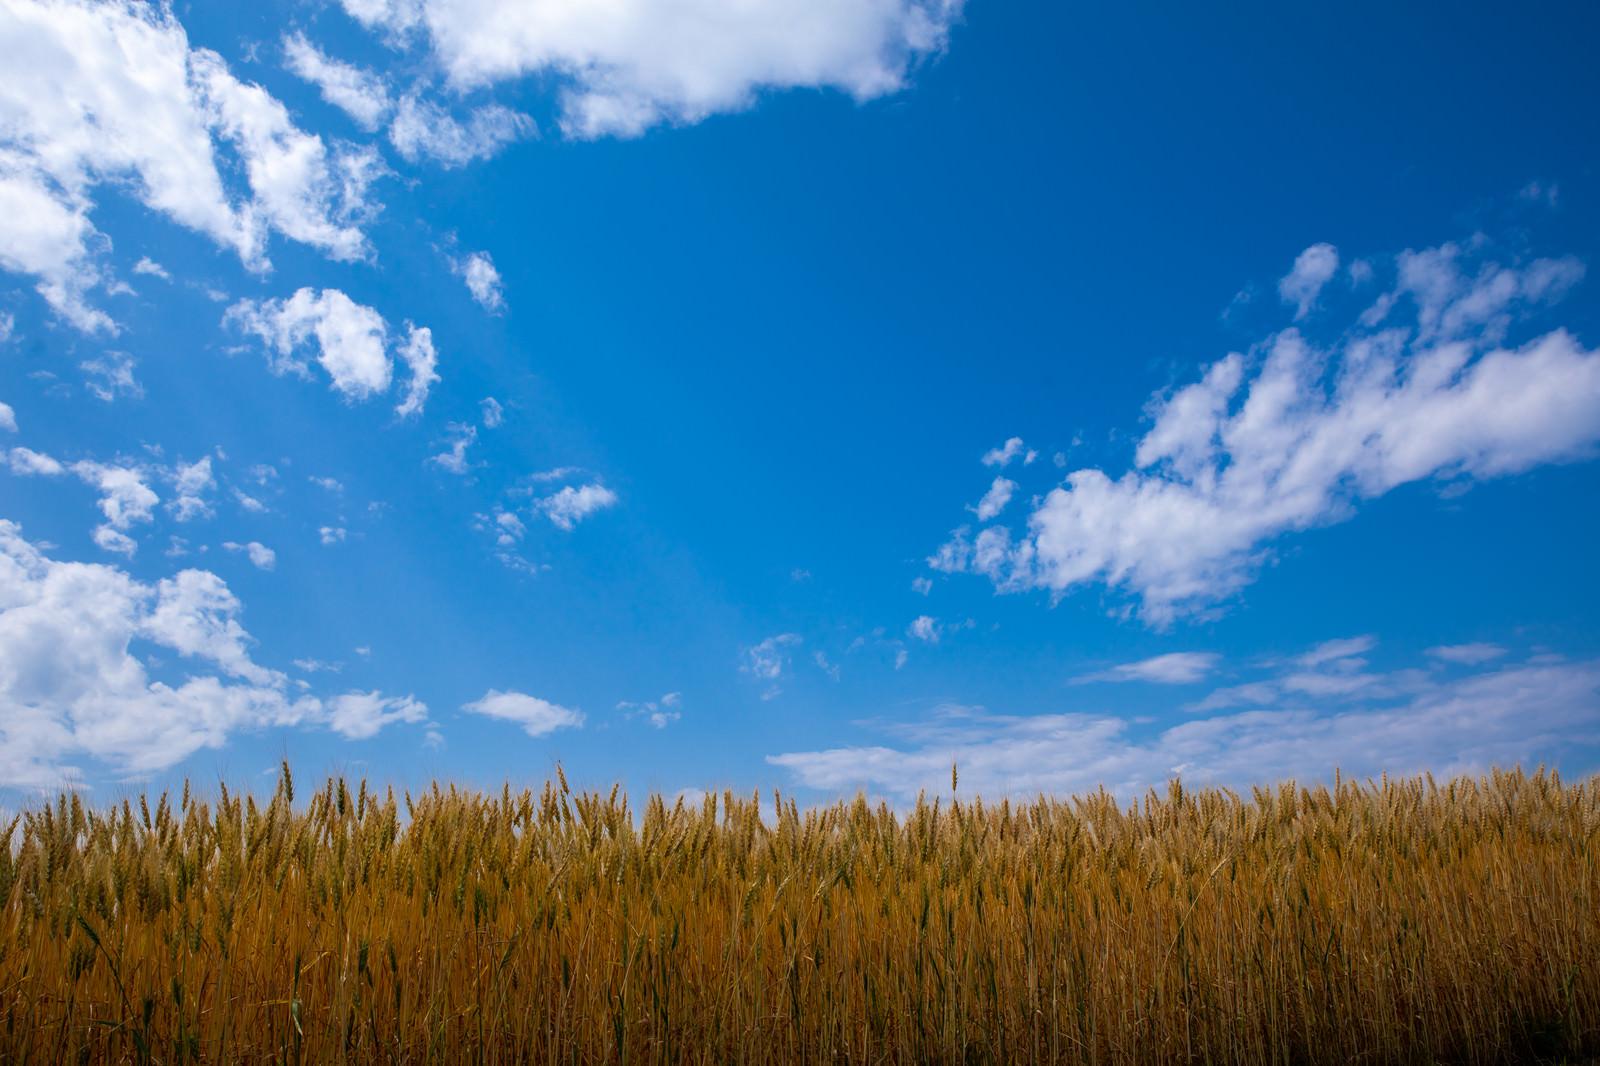 「青い空と大麦畑」の写真